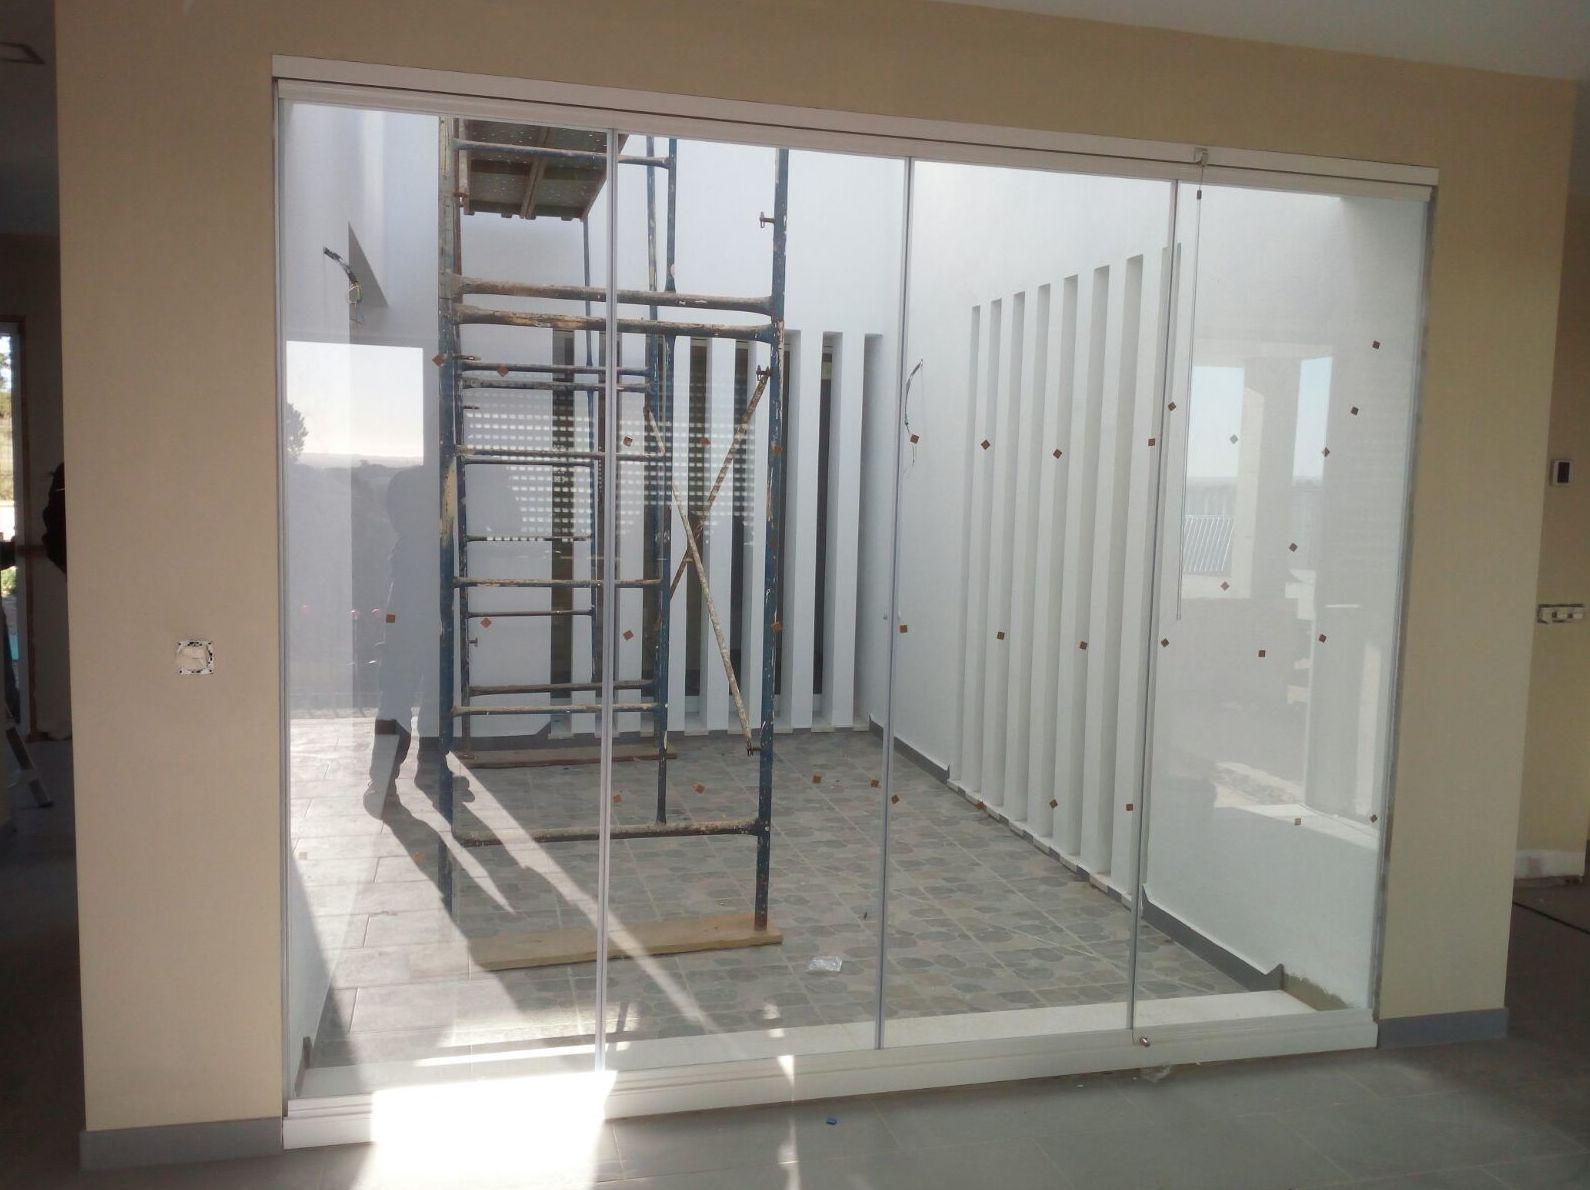 Cortina de cristal como cerramiento de patio interior